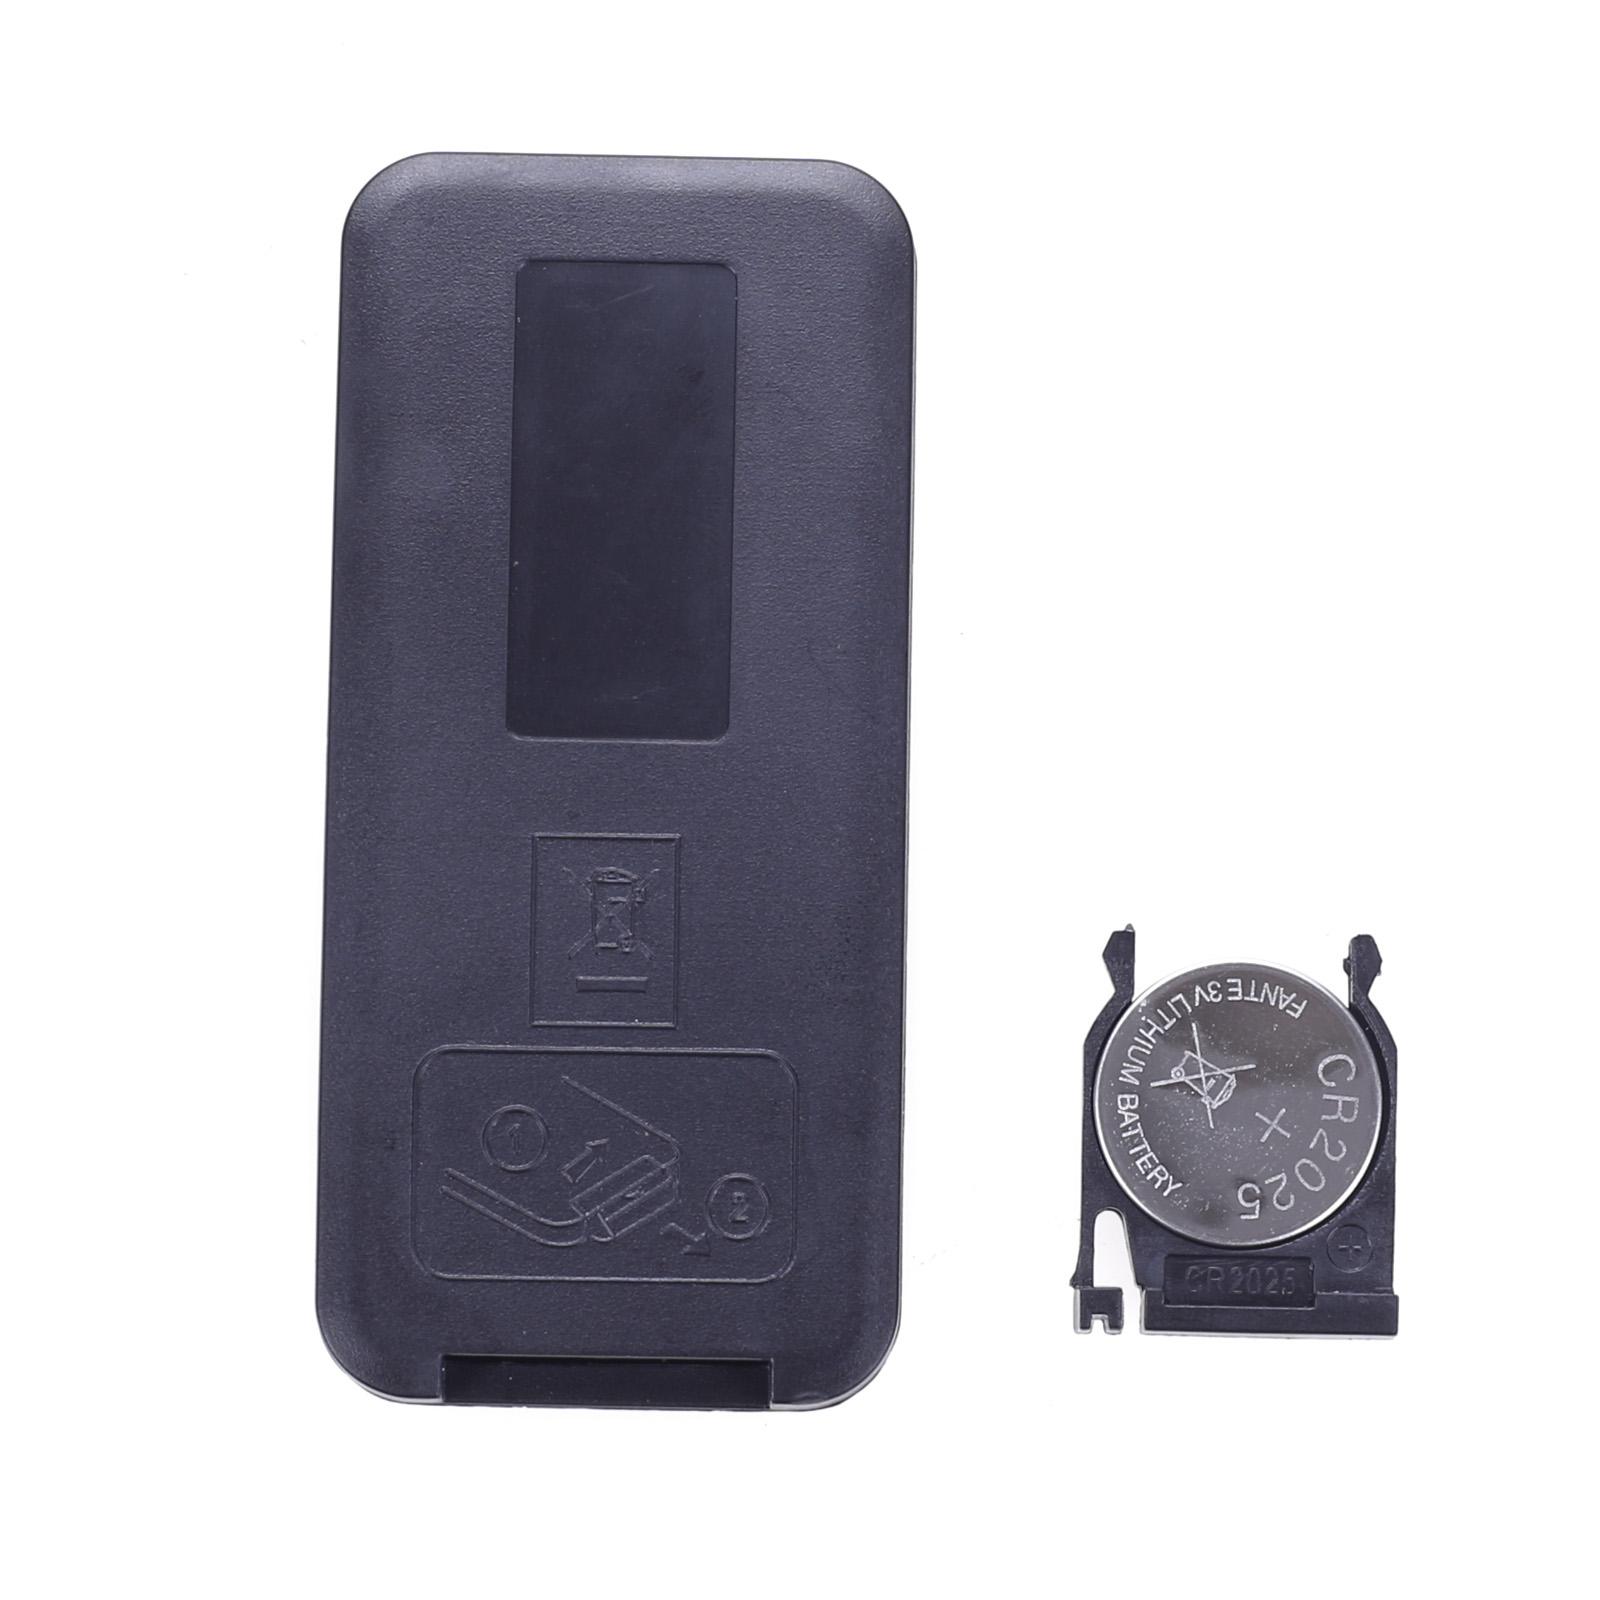 富得宝S1无线快门遥控器适用索尼微单A7R a7m2 a7II a6000  A7R3 A7S A7R2 A7RII A7III A7RIII A7M3自拍拍照